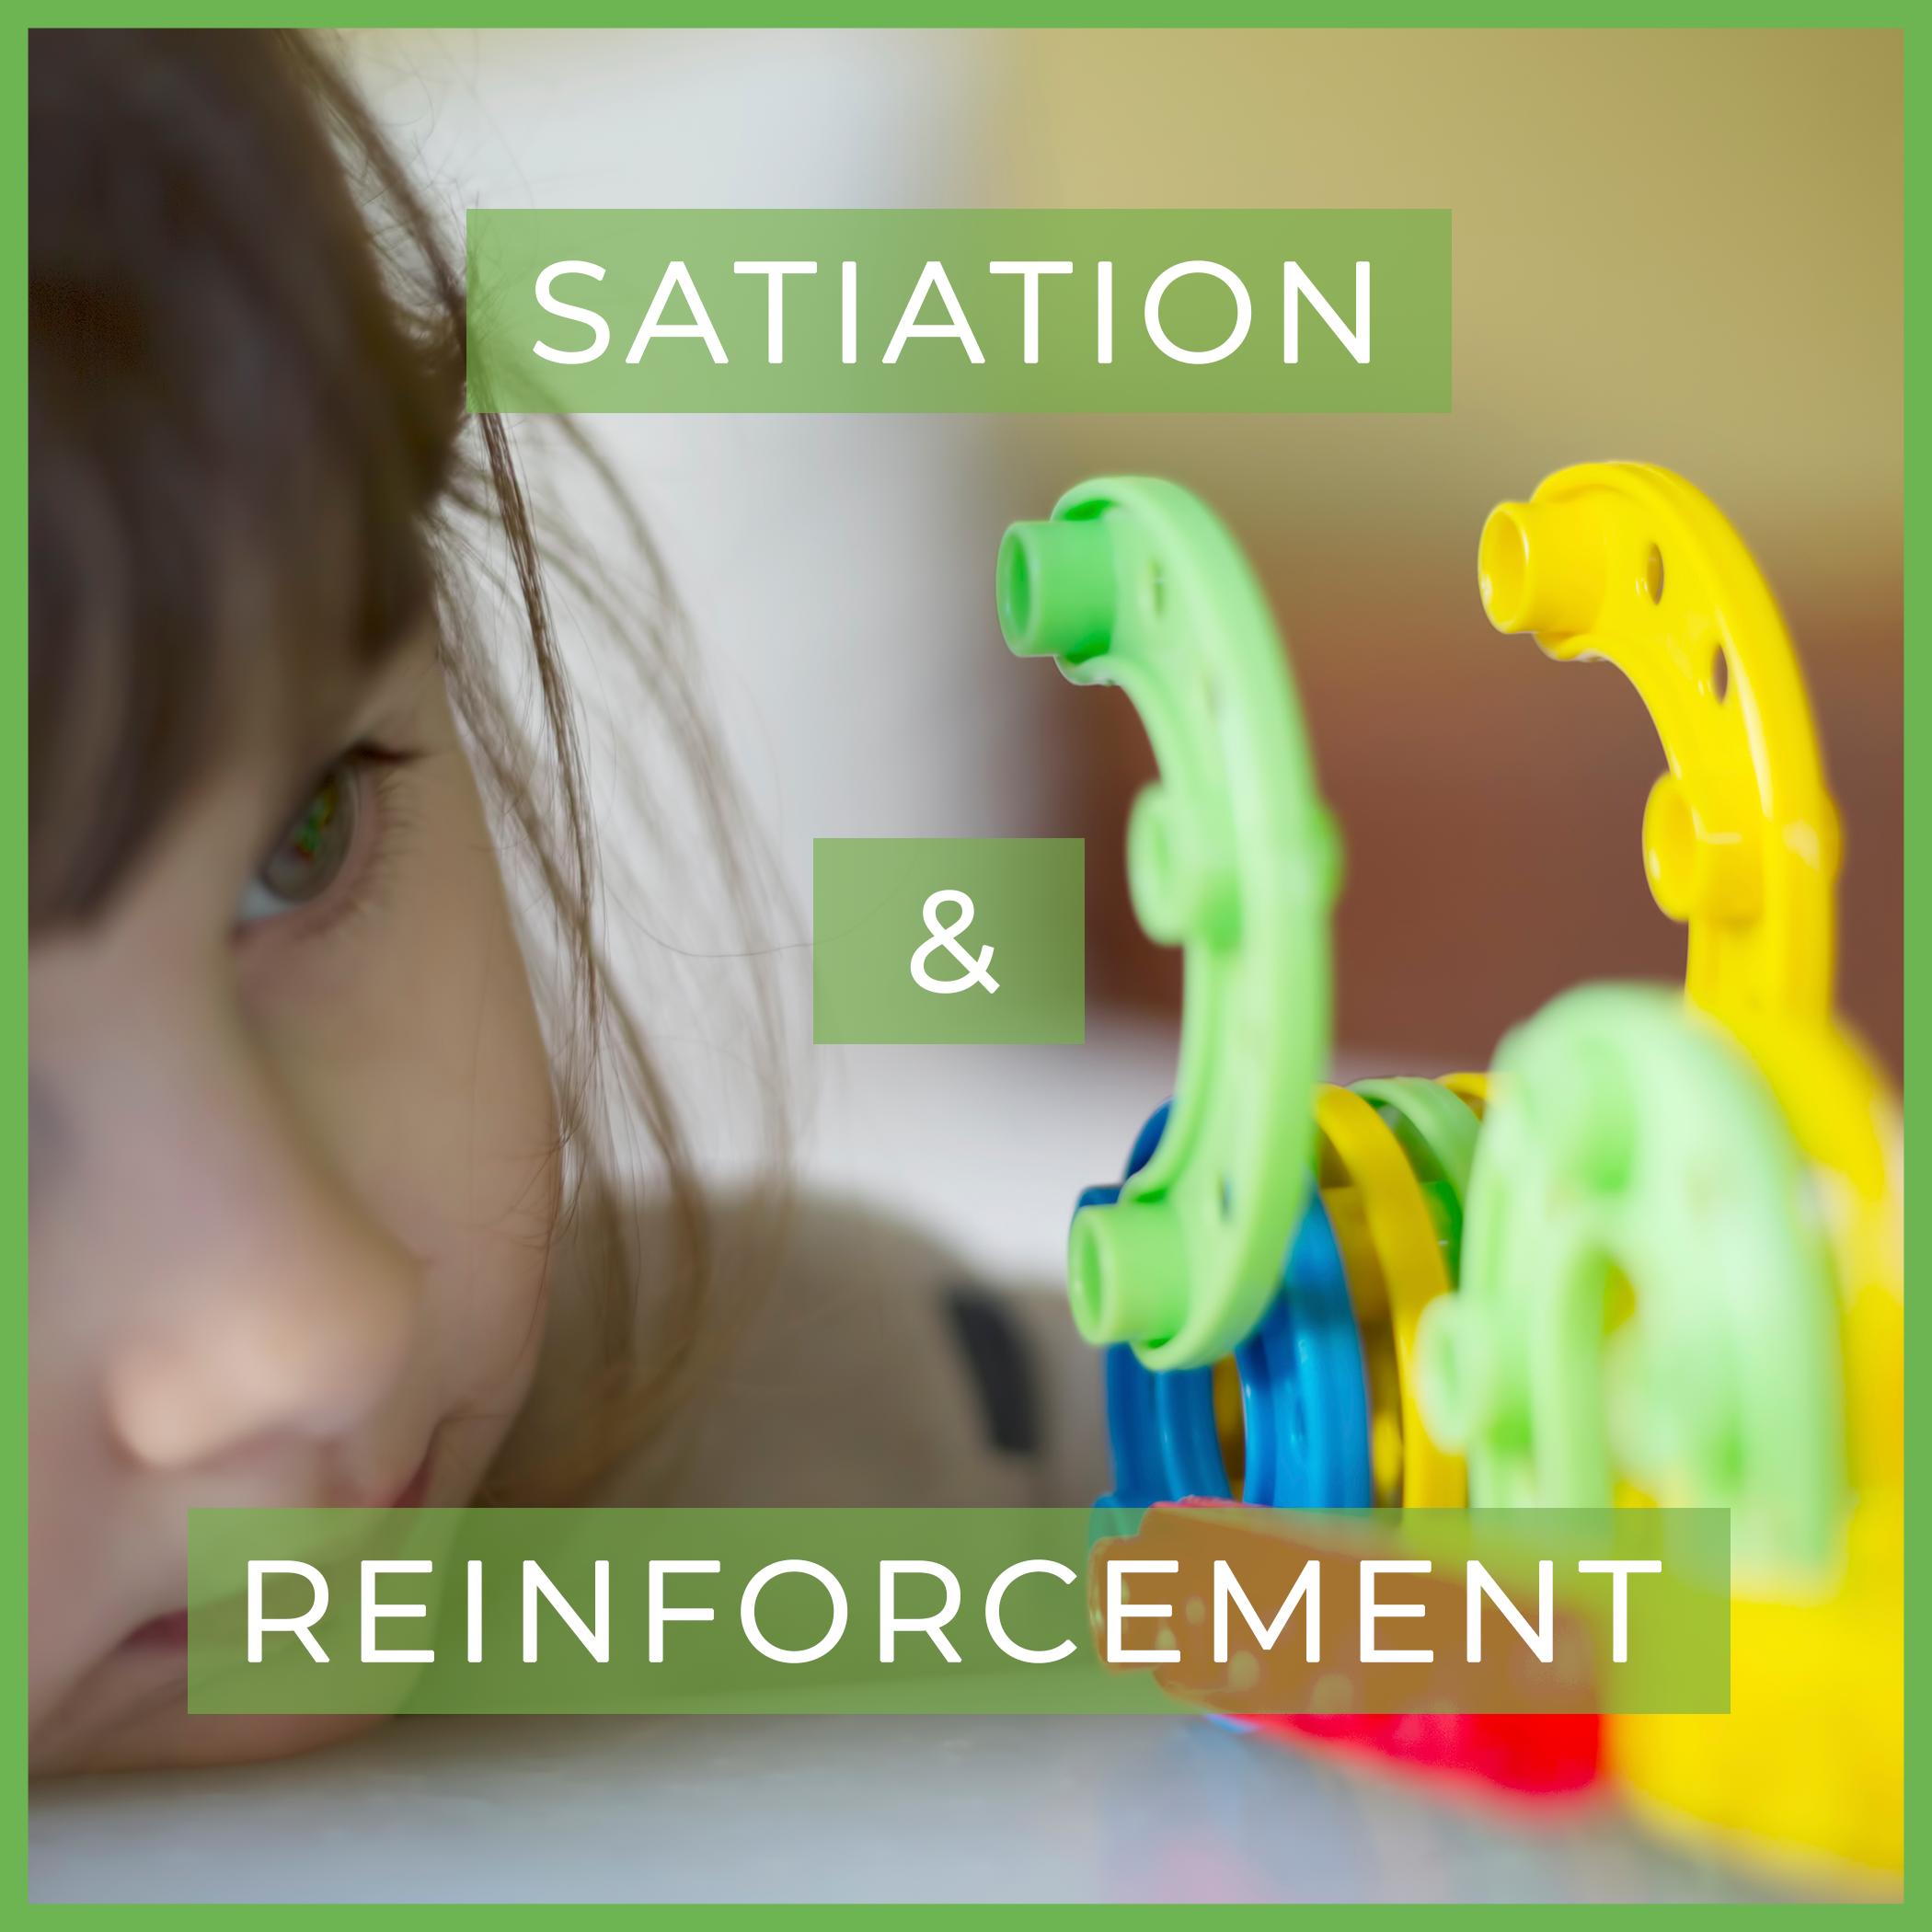 satiation & reinforcement.png